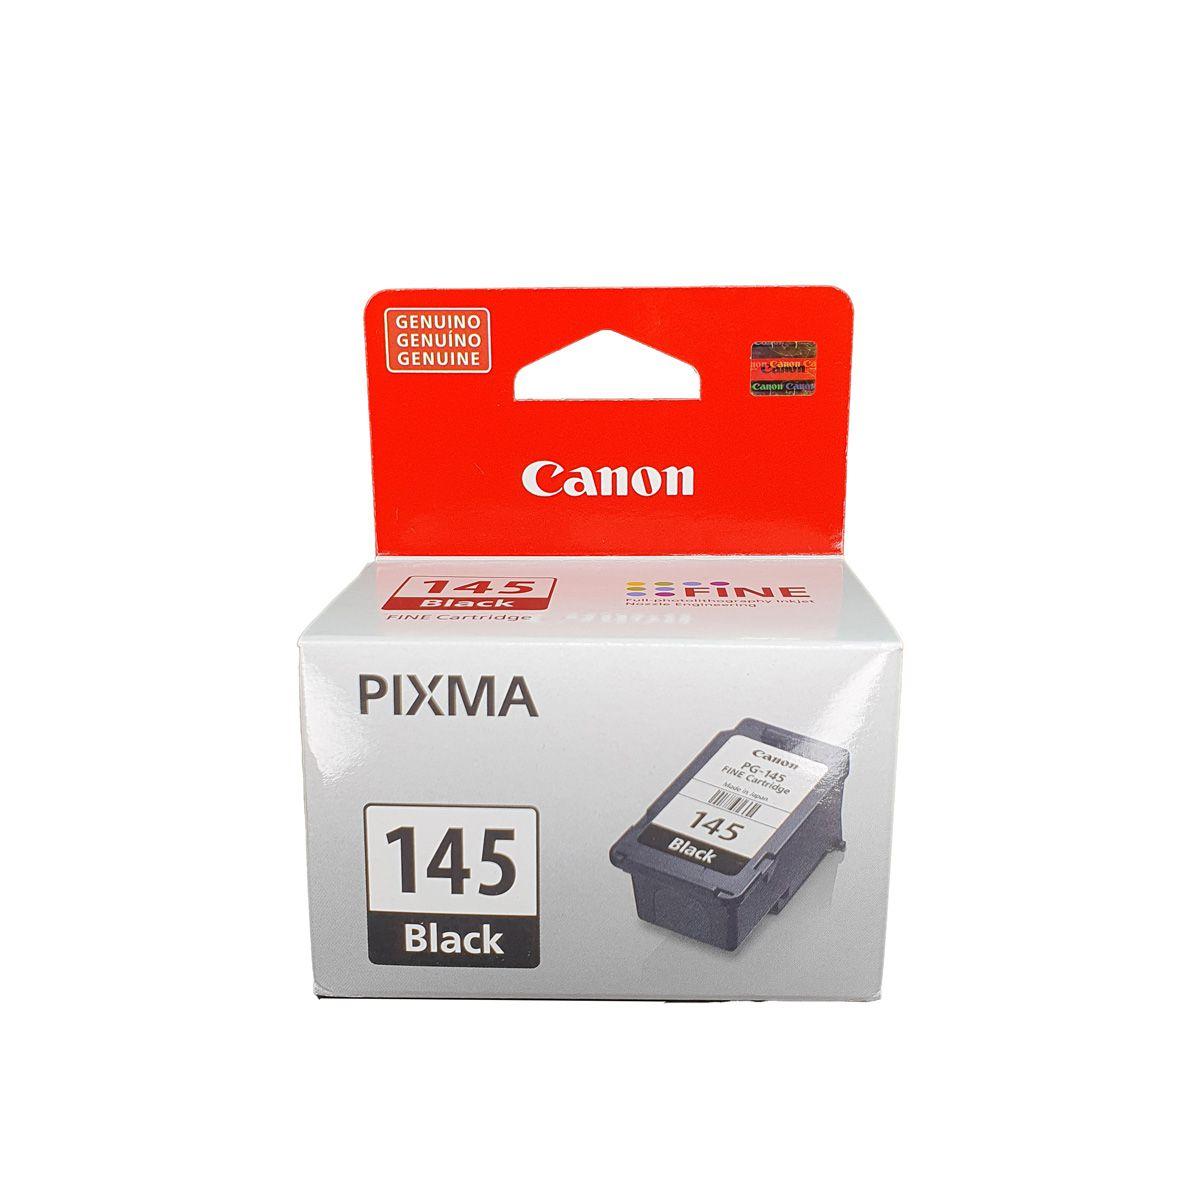 Cartucho Canon PG145 PG-145 Preto para MG2410 MG2510